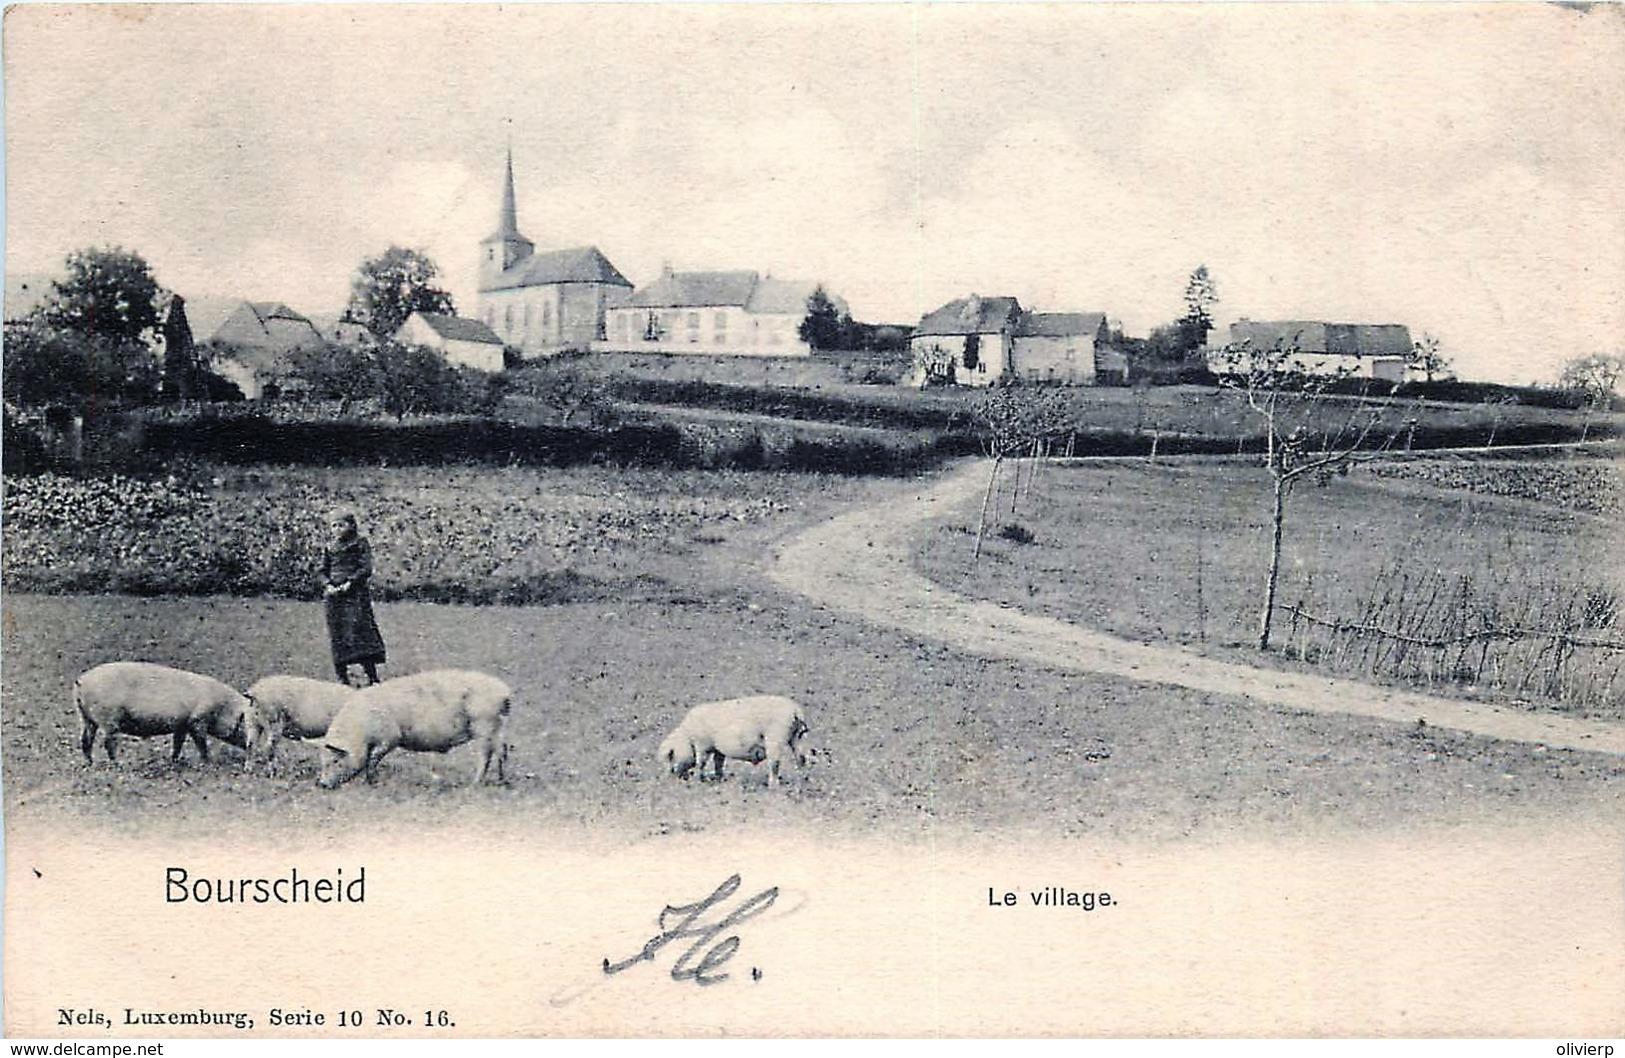 Luxembourg - Bourscheid - Le Village - Les Cochons - Nels Luxembourg Série 10 N° 16 - Cartes Postales